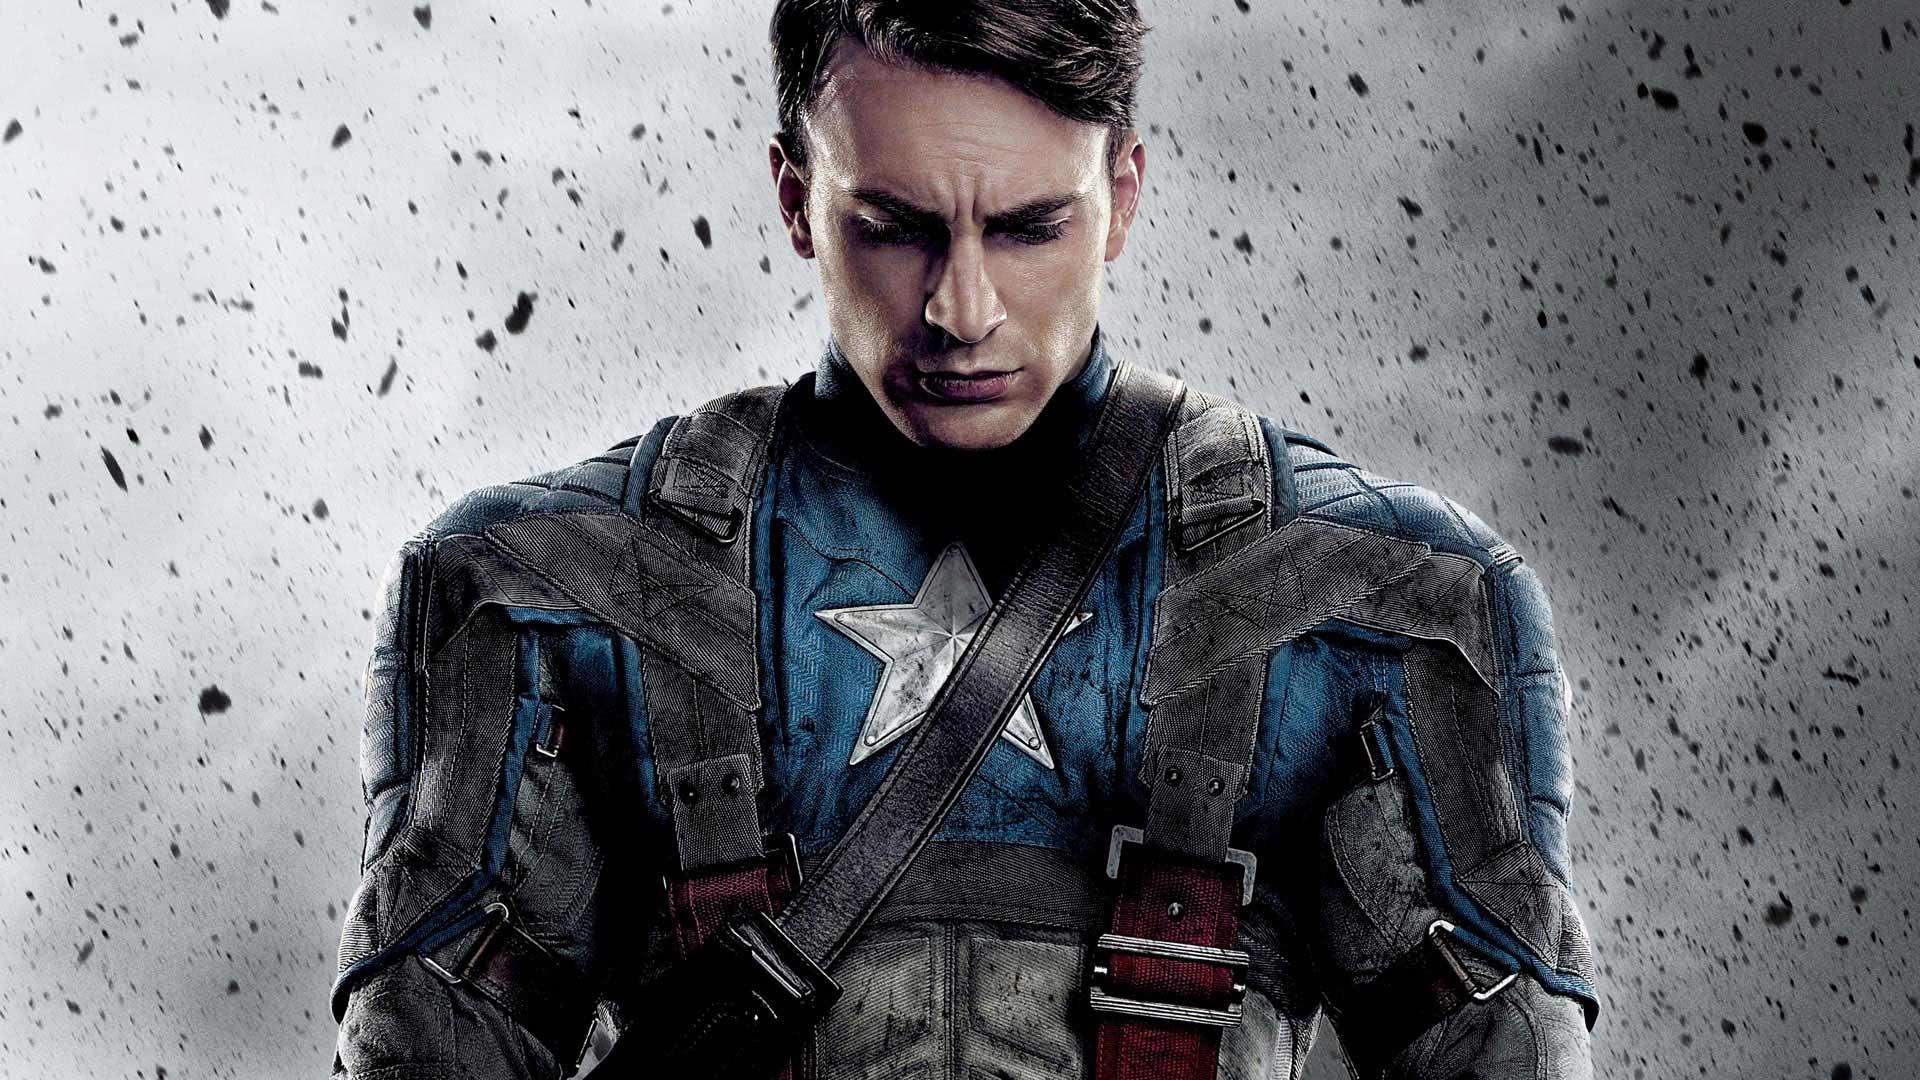 Captain america the first avenger 2011 - Captain America The First Avenger 2011 After The Credits Mediastinger